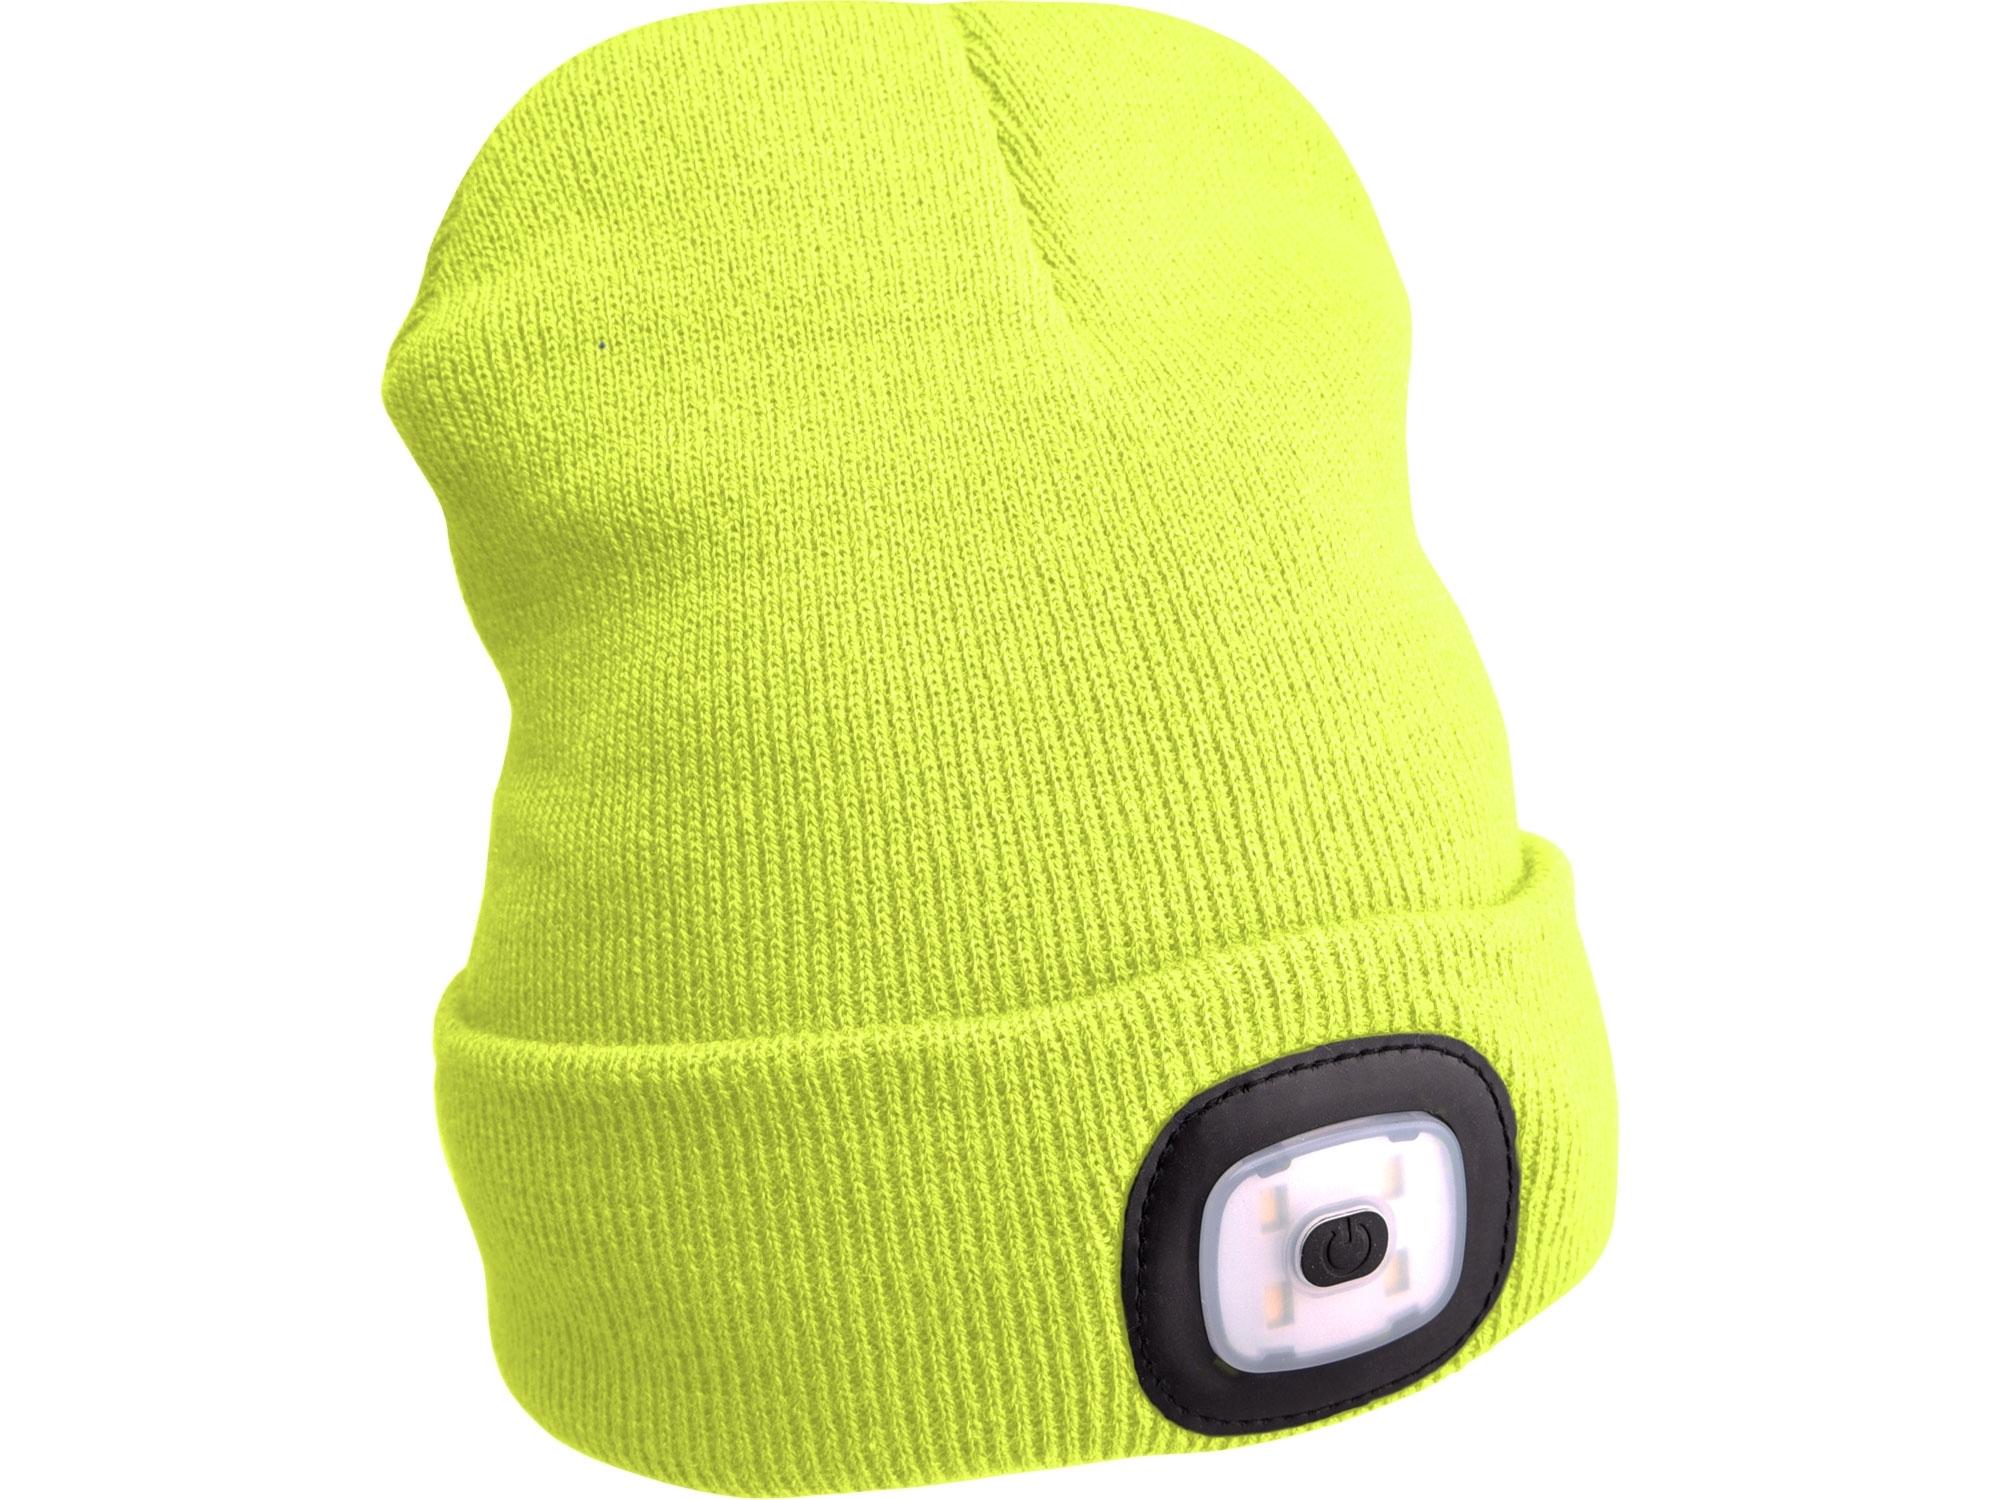 čepice s čelovkou 4x45lm, USB nabíjení, fluorescentní žlutá, univerzální velikost